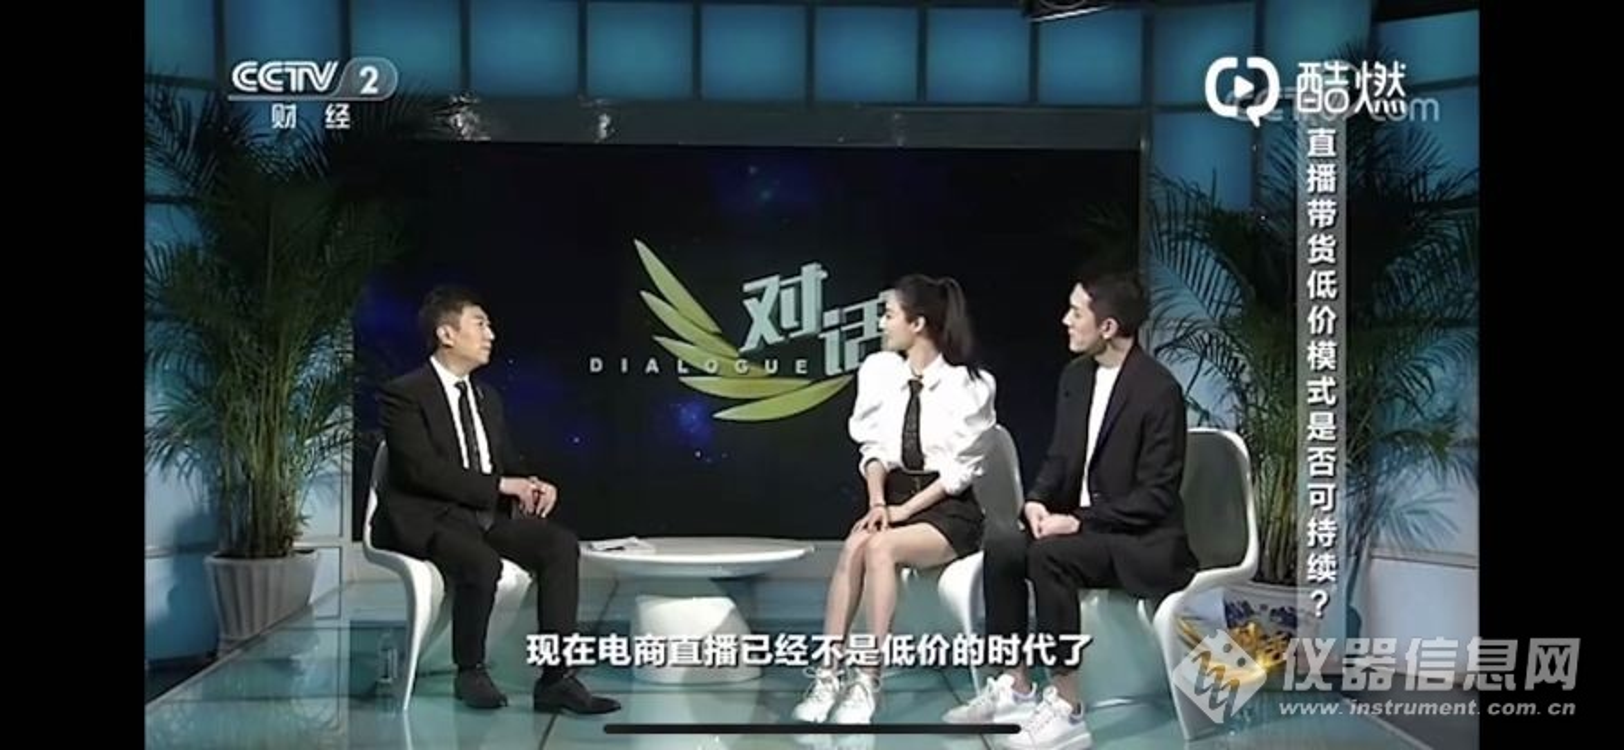 李佳琦 薇娅 央视 仪器信息网.jpg